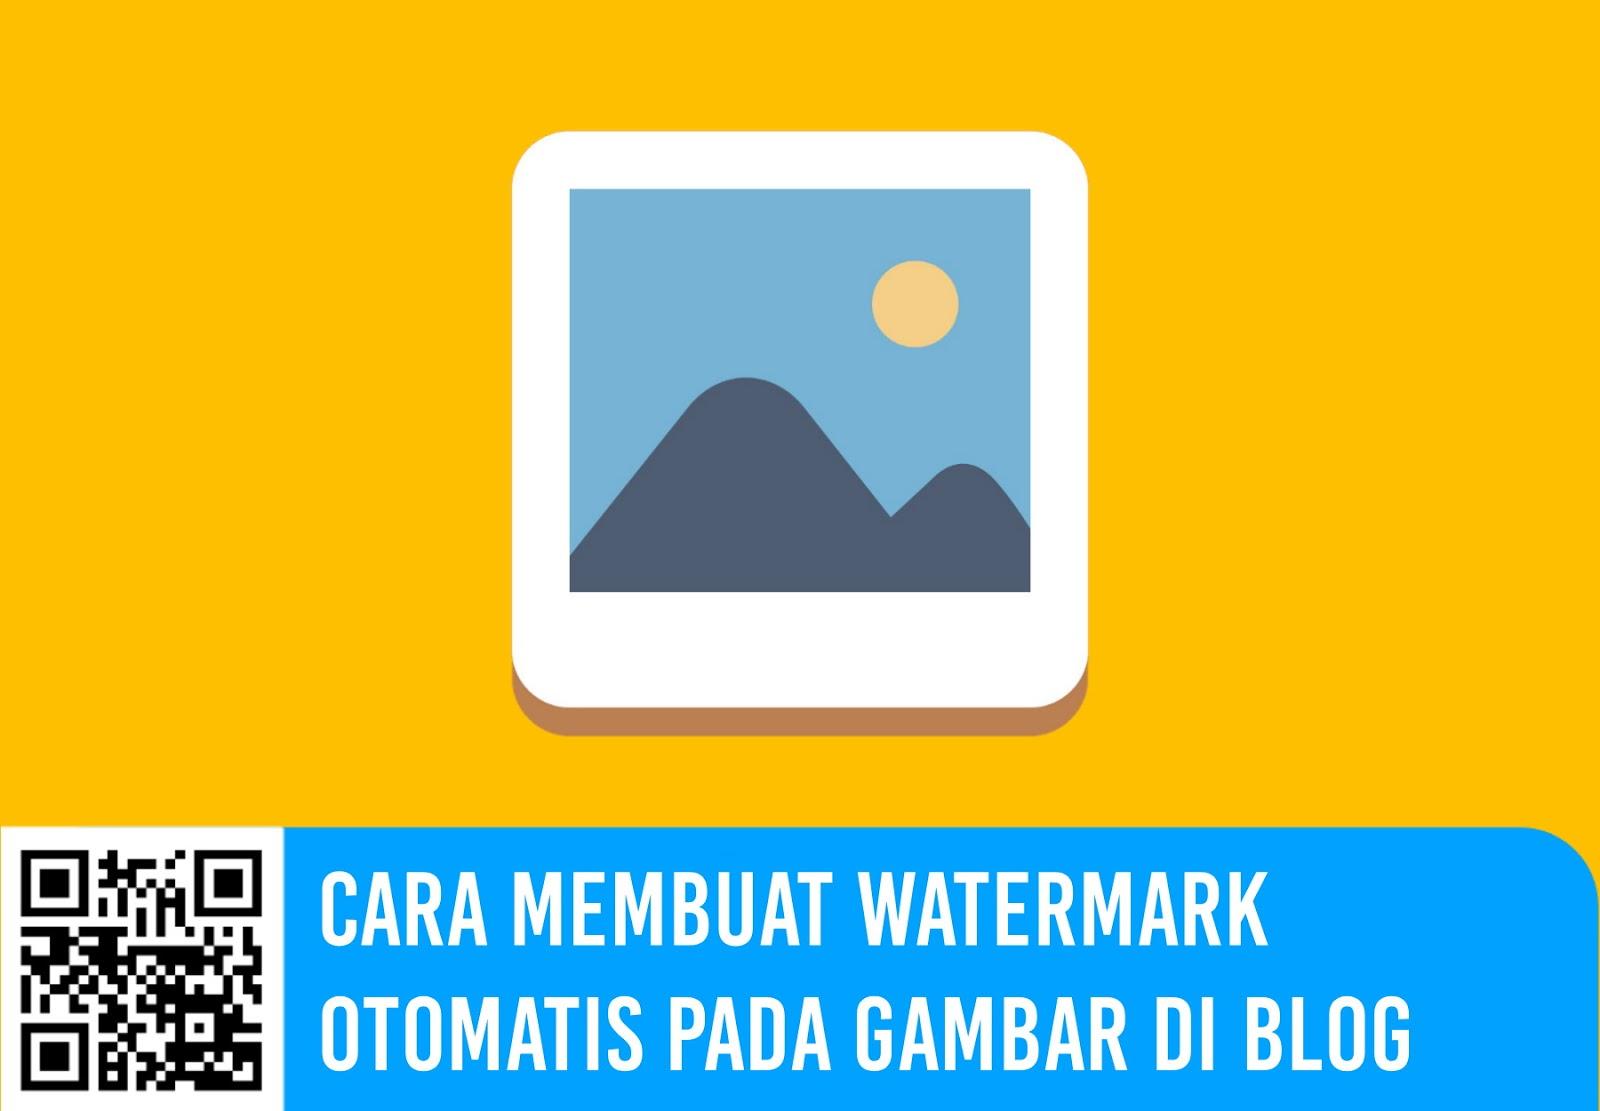 Cara Membuat Watermark Otomatis pada Gambar di Blog